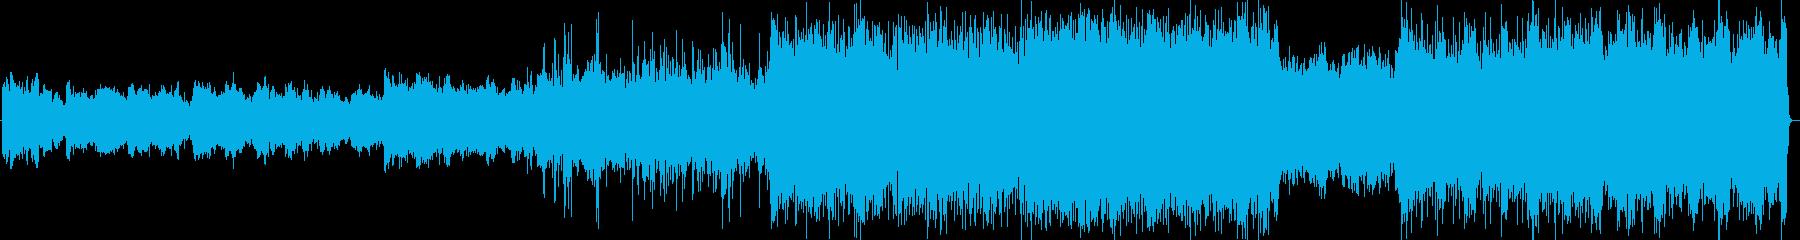 じわじわと壮大になるテクノオーケストラの再生済みの波形